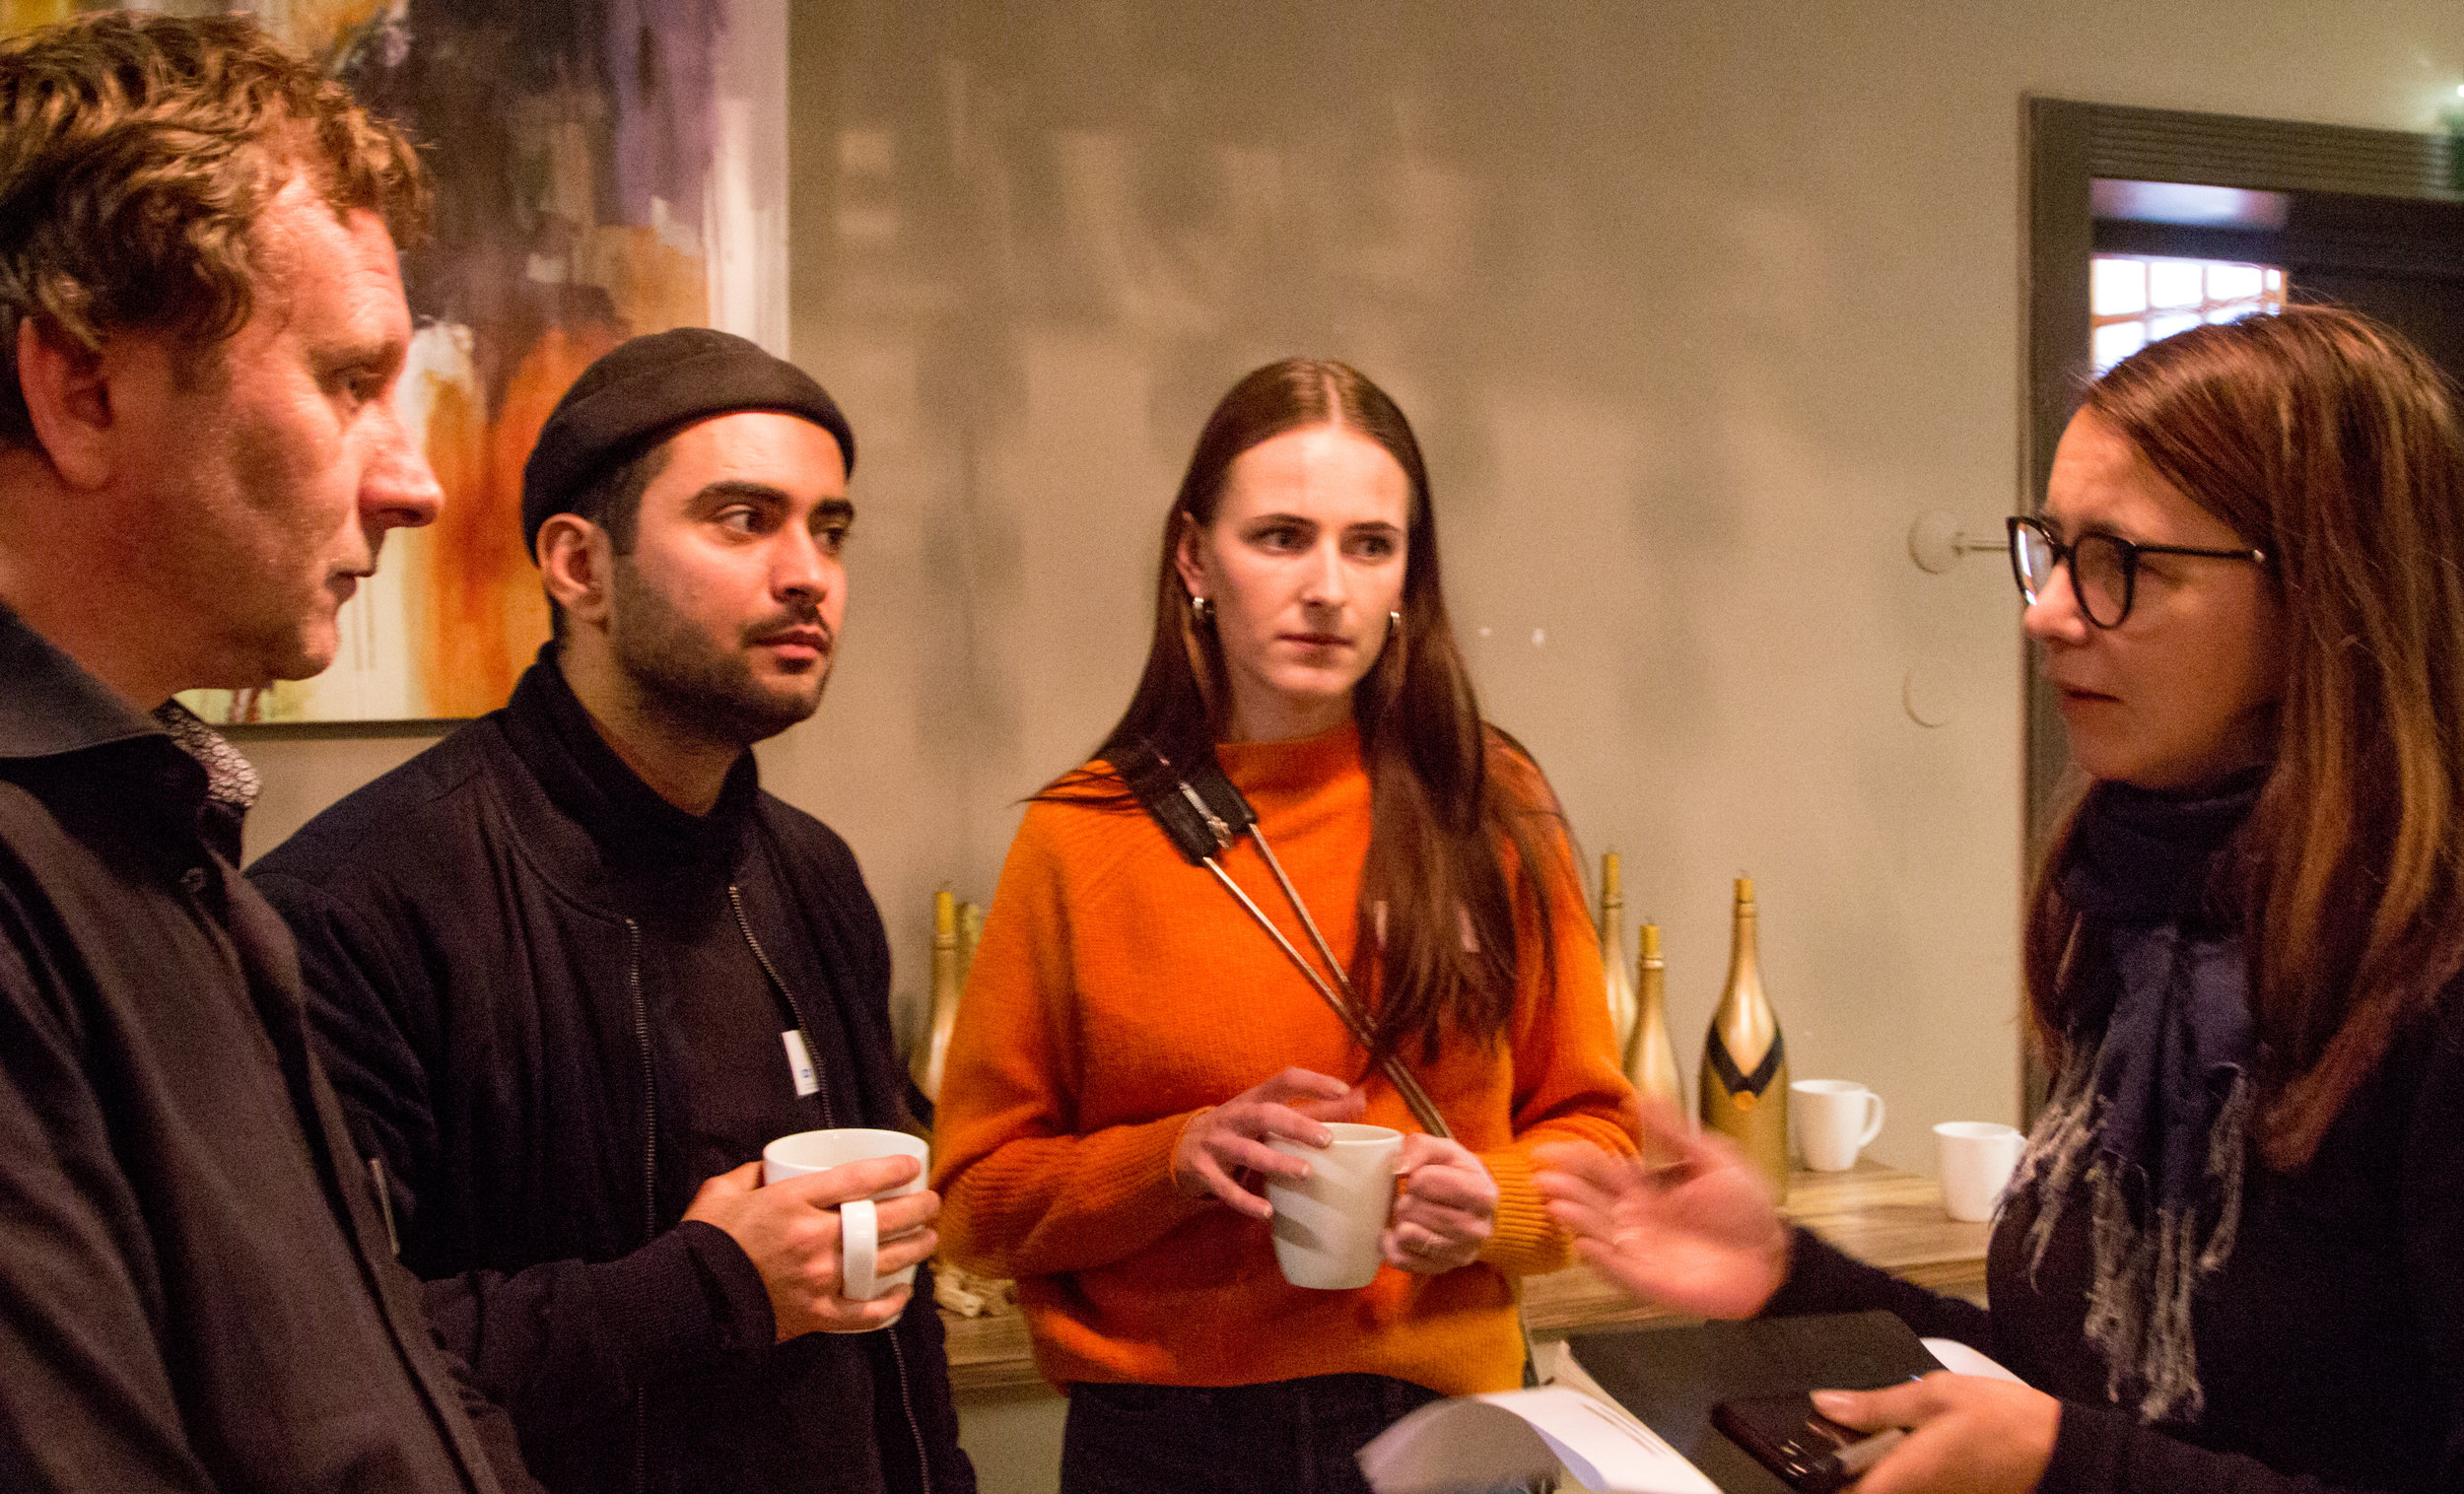 Produsent John Arvid Berger og medvirkende Mohammed Saleh og Barbro Bugge fra filmen Rekonstruksjon Utøya, i samtale med Hilde Kjos fra DKS i Akershus.